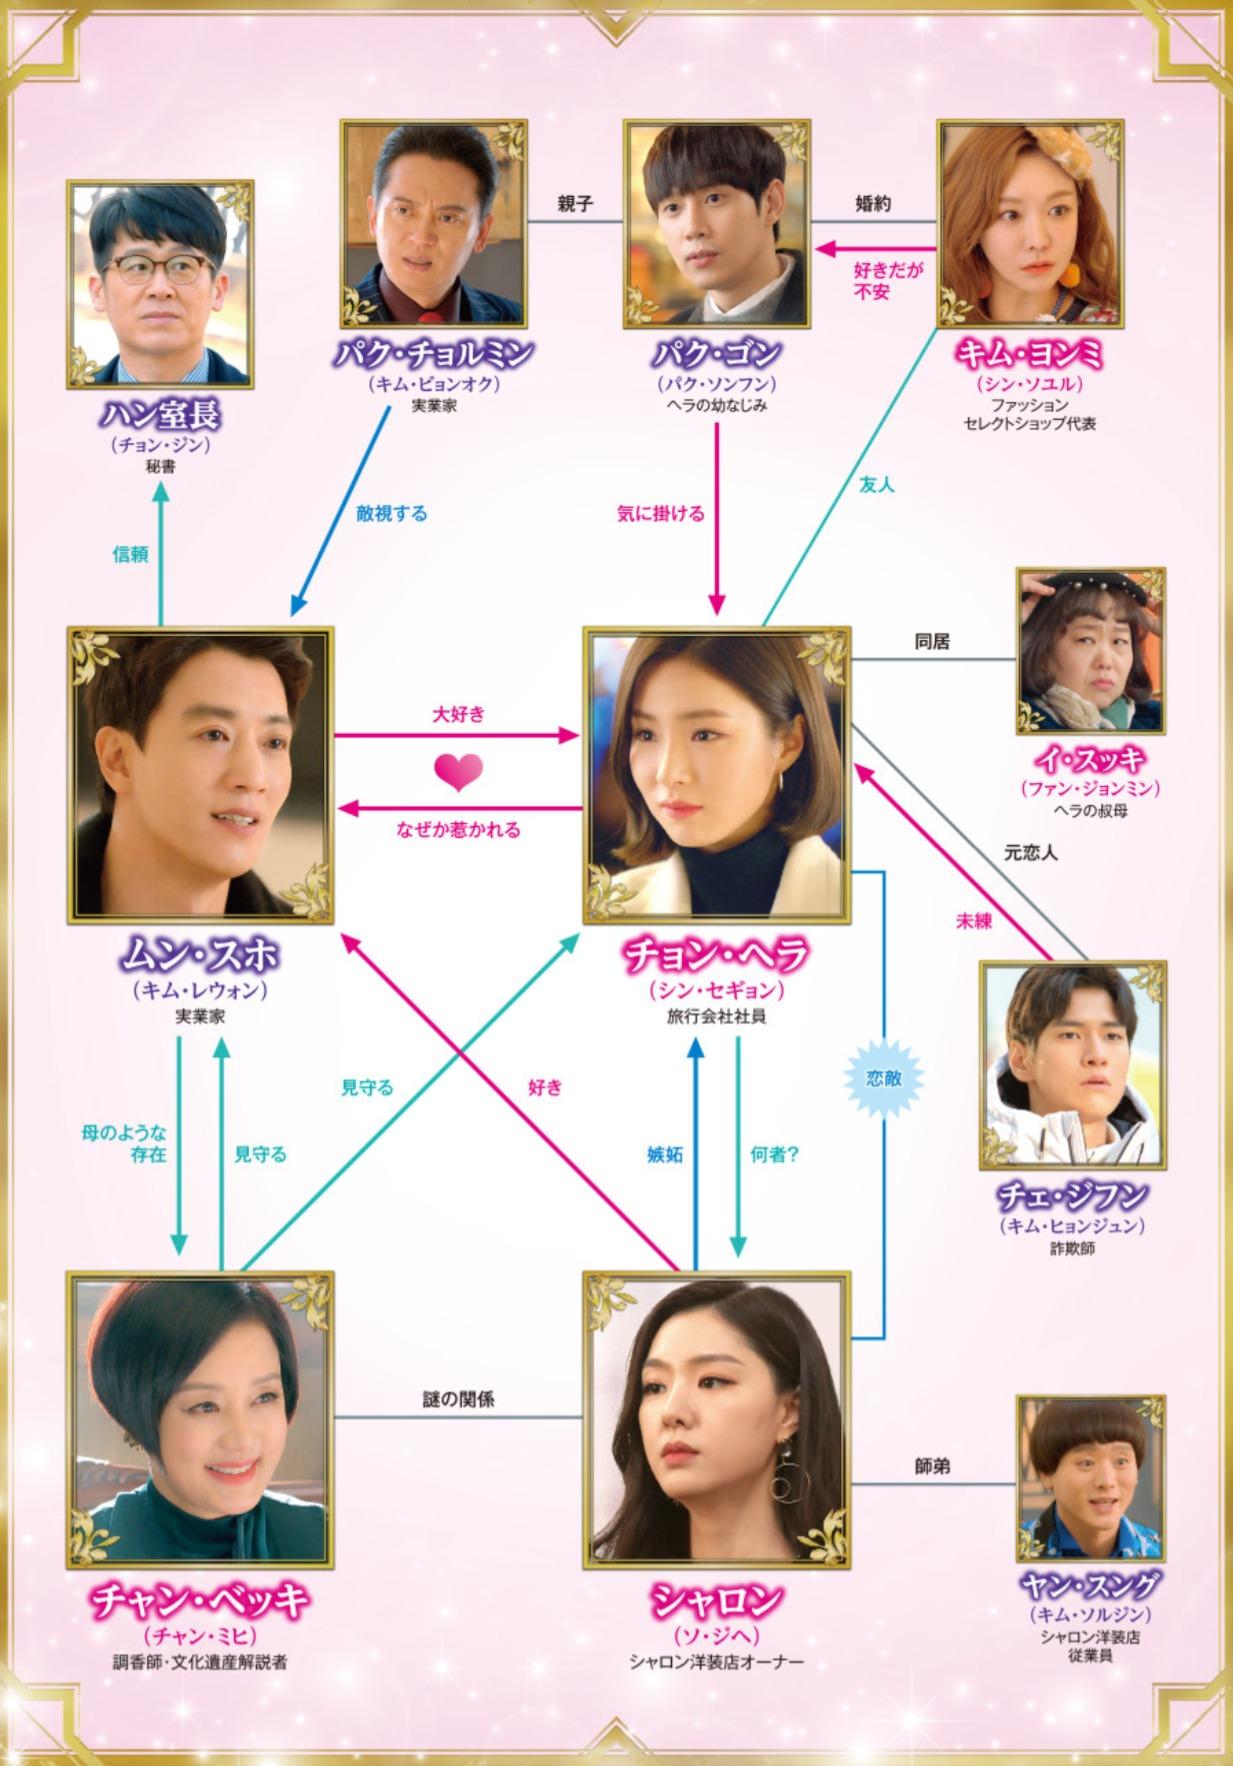 韓国ドラマ『黒騎士~永遠の約束~』登場人物相関図(関係図)